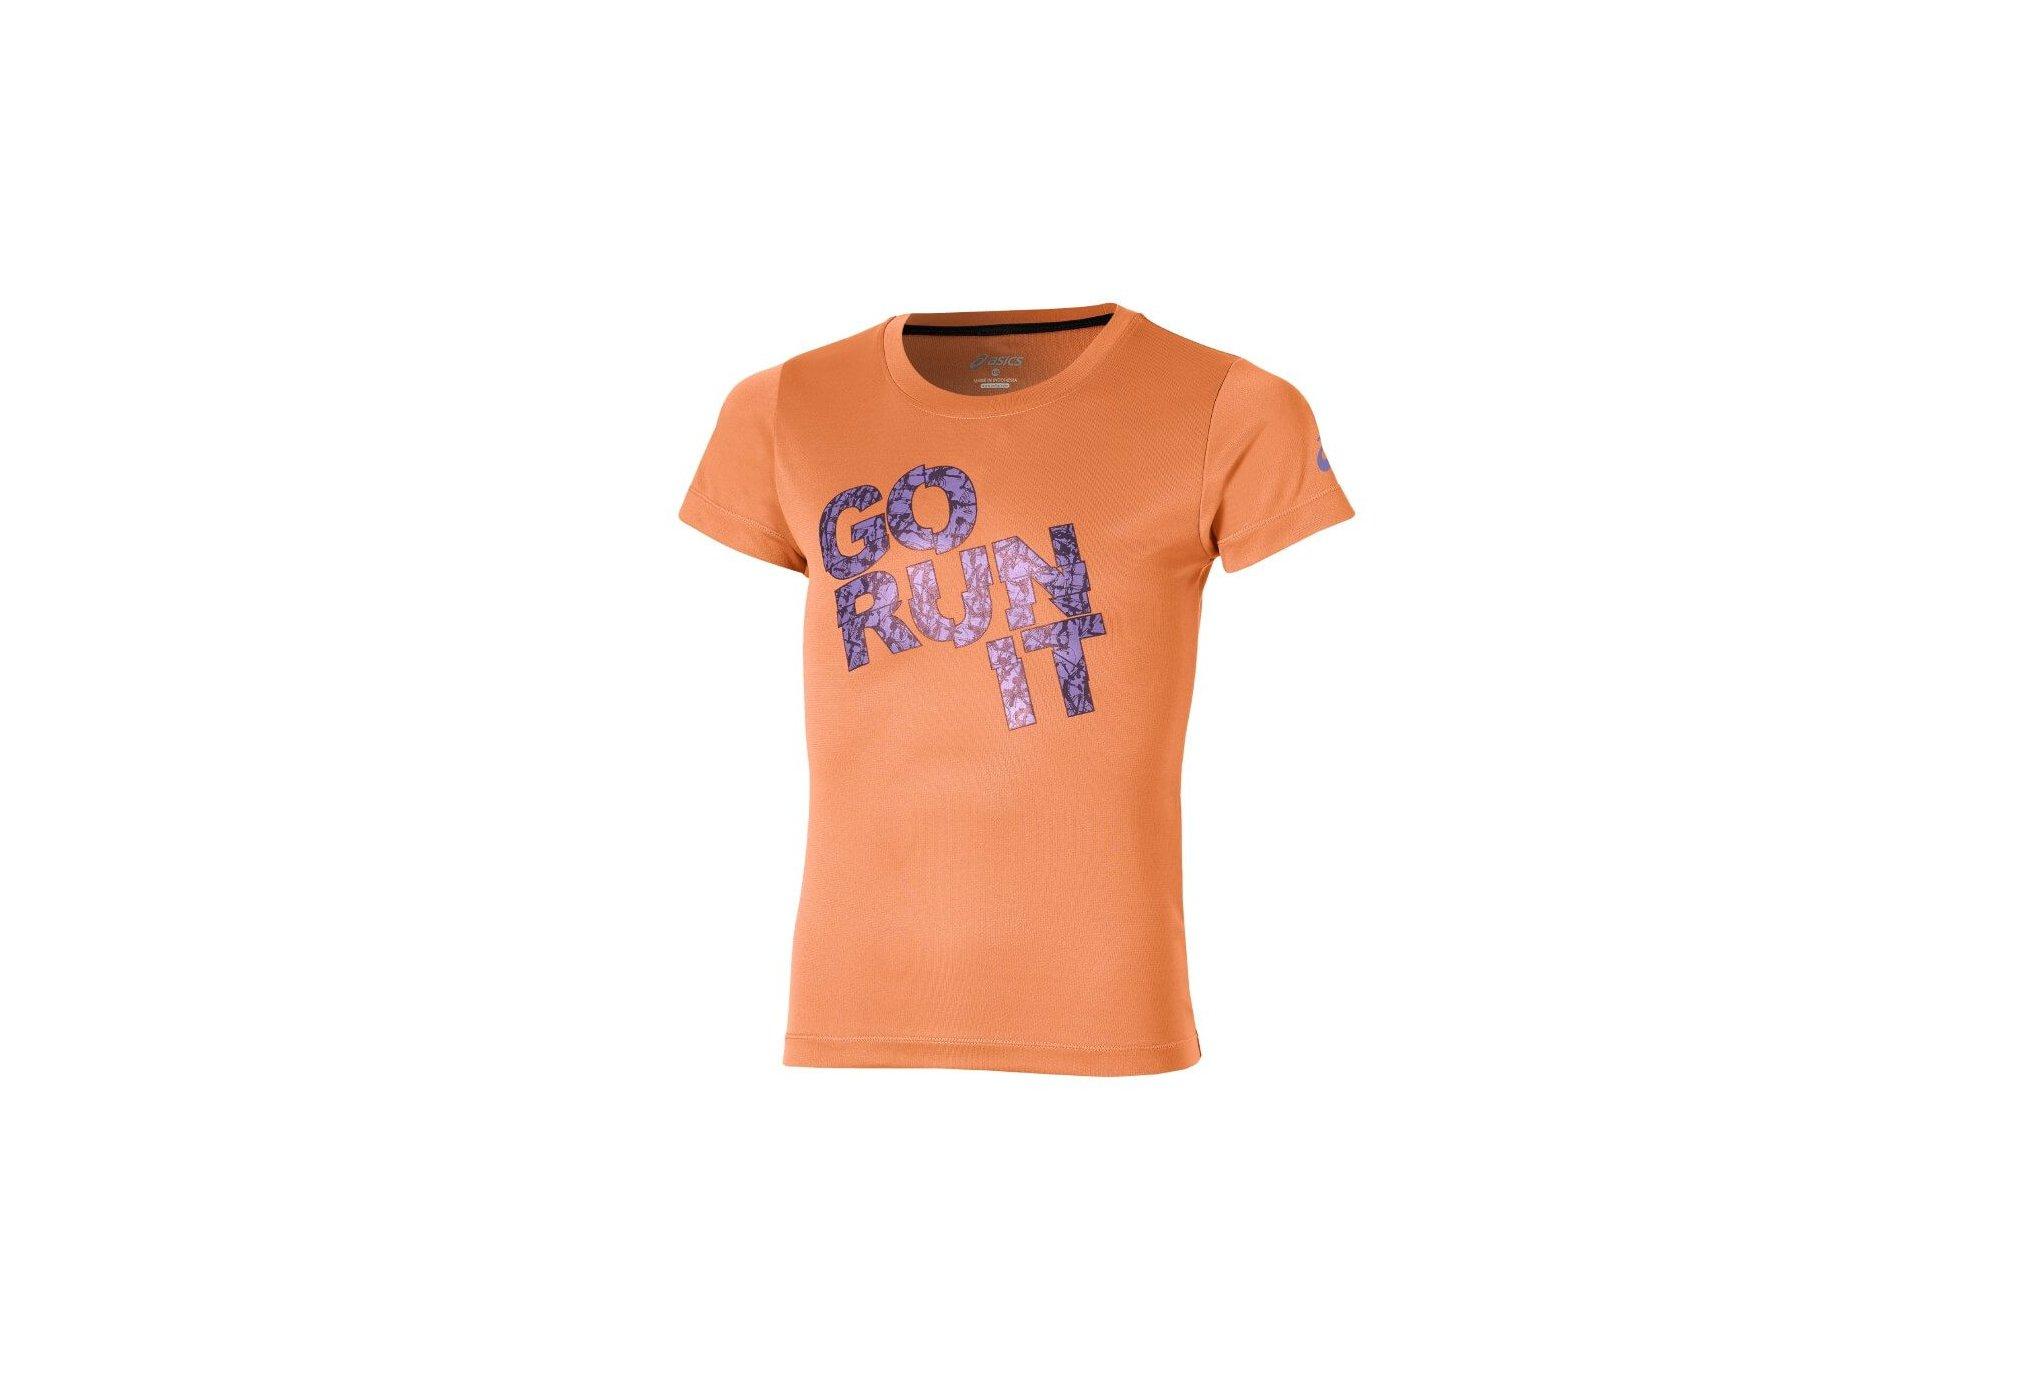 Asics Graphic Fille Diététique Vêtements femme